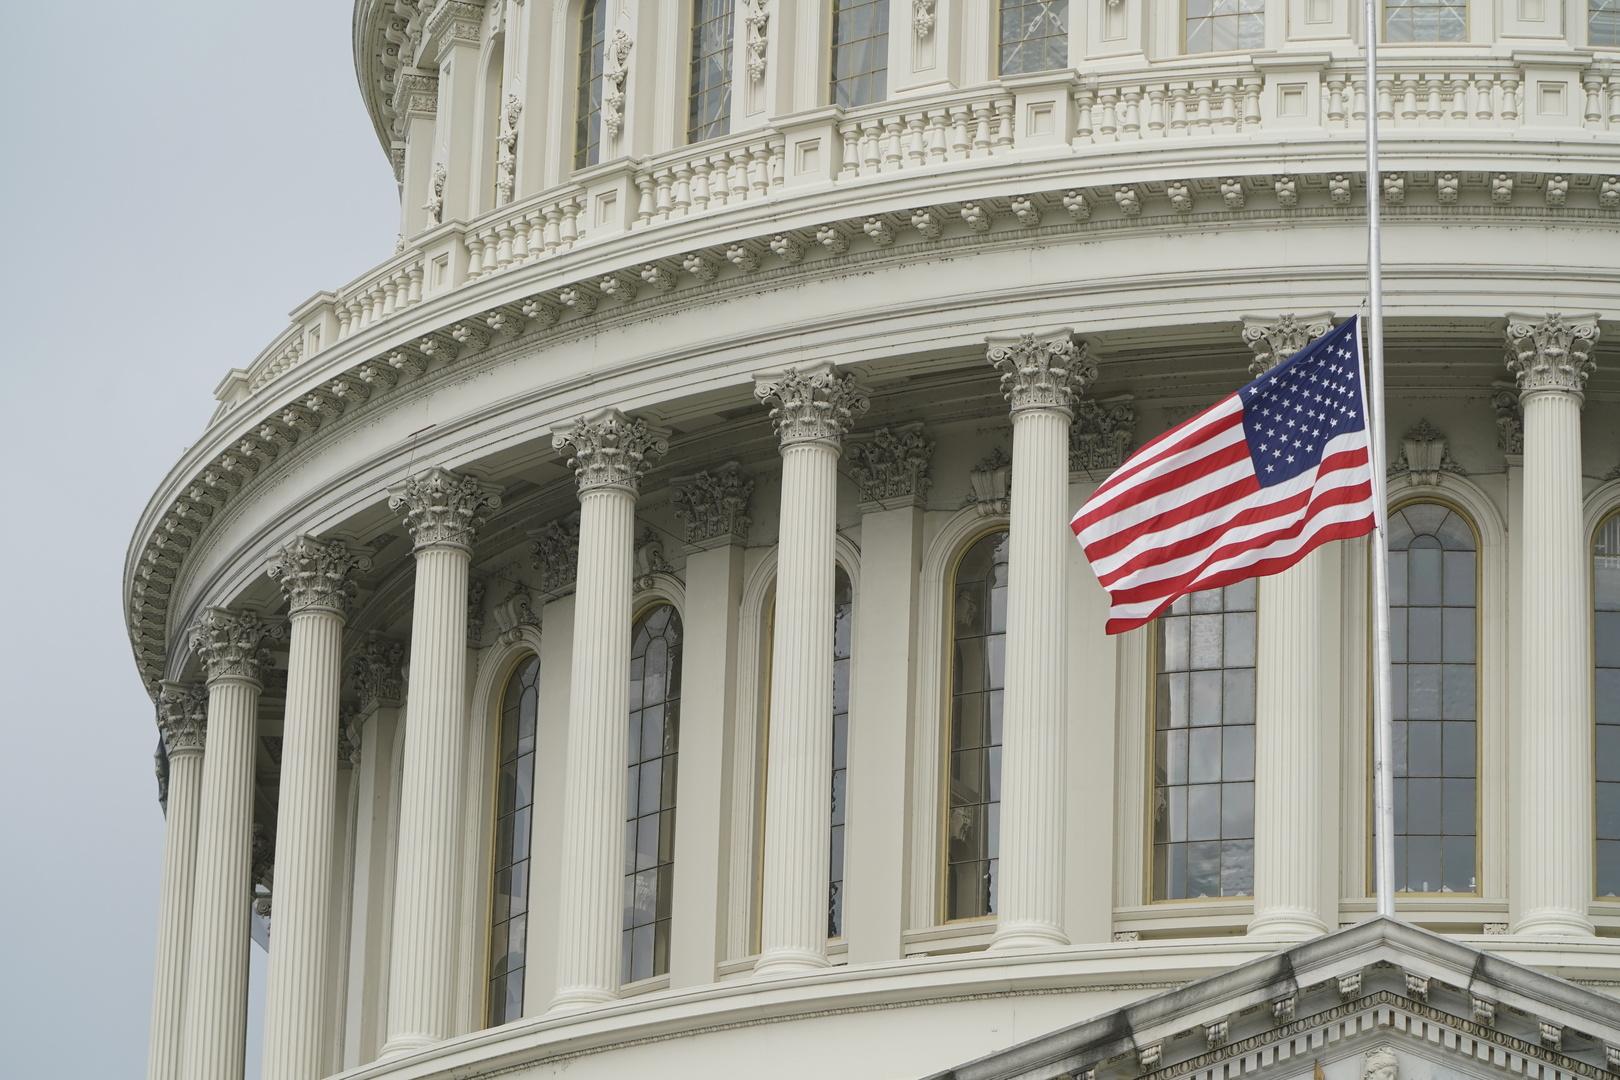 الولايات المتحدة ترسل إمدادات إلى الهند بأكثر من 100 مليون دولار لمواجهة كورونا